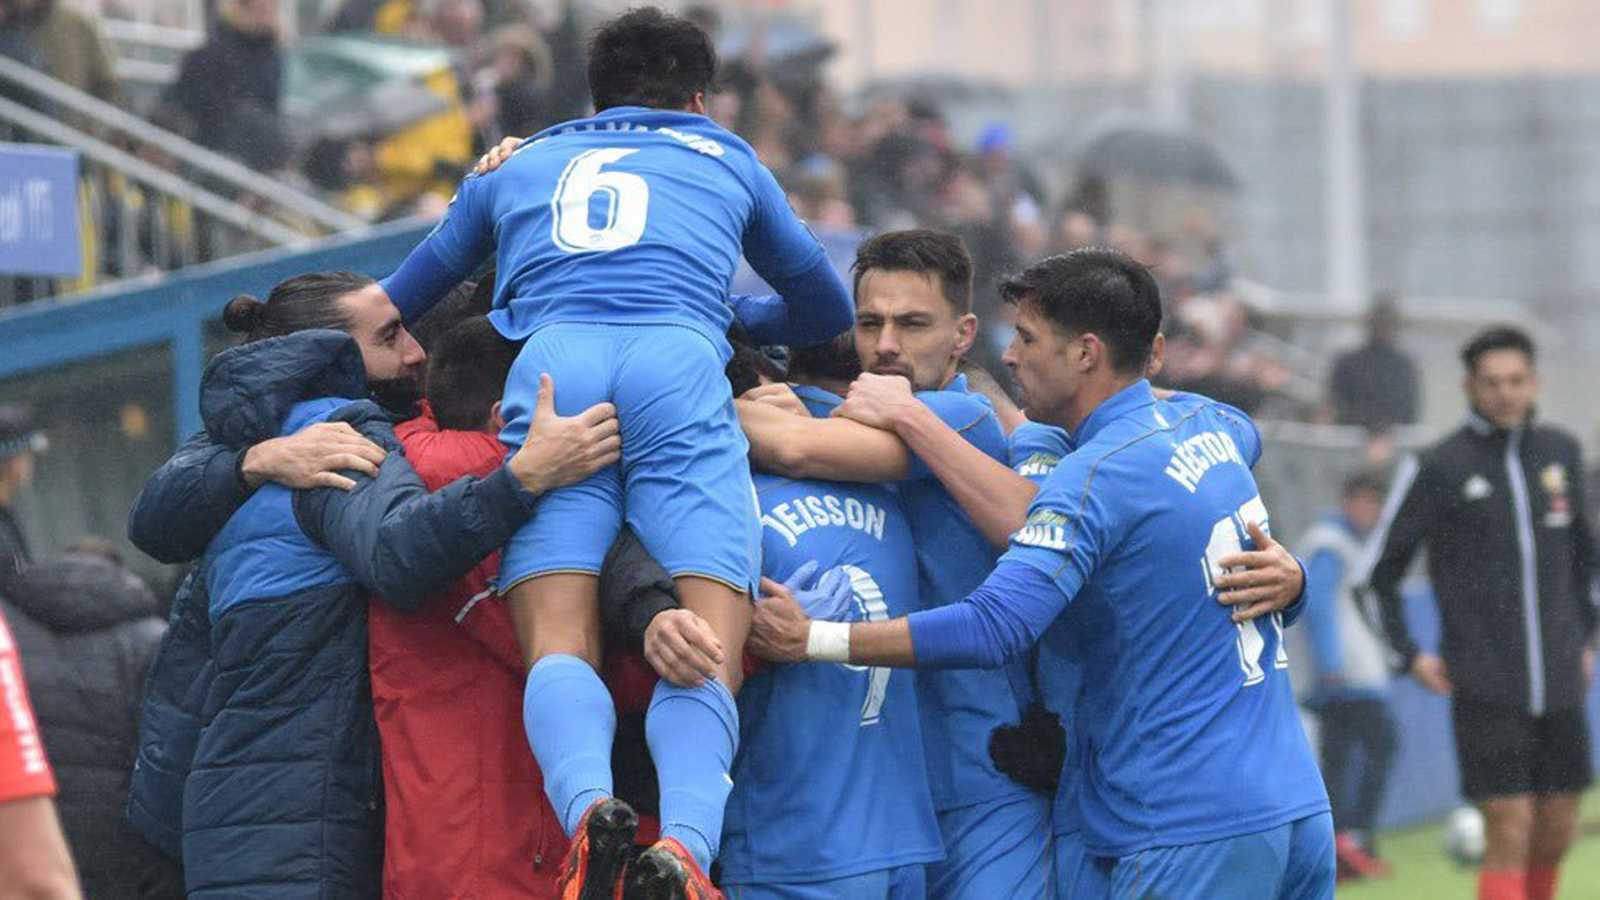 El Fuenlabrada, el equipo revelación de Segunda División